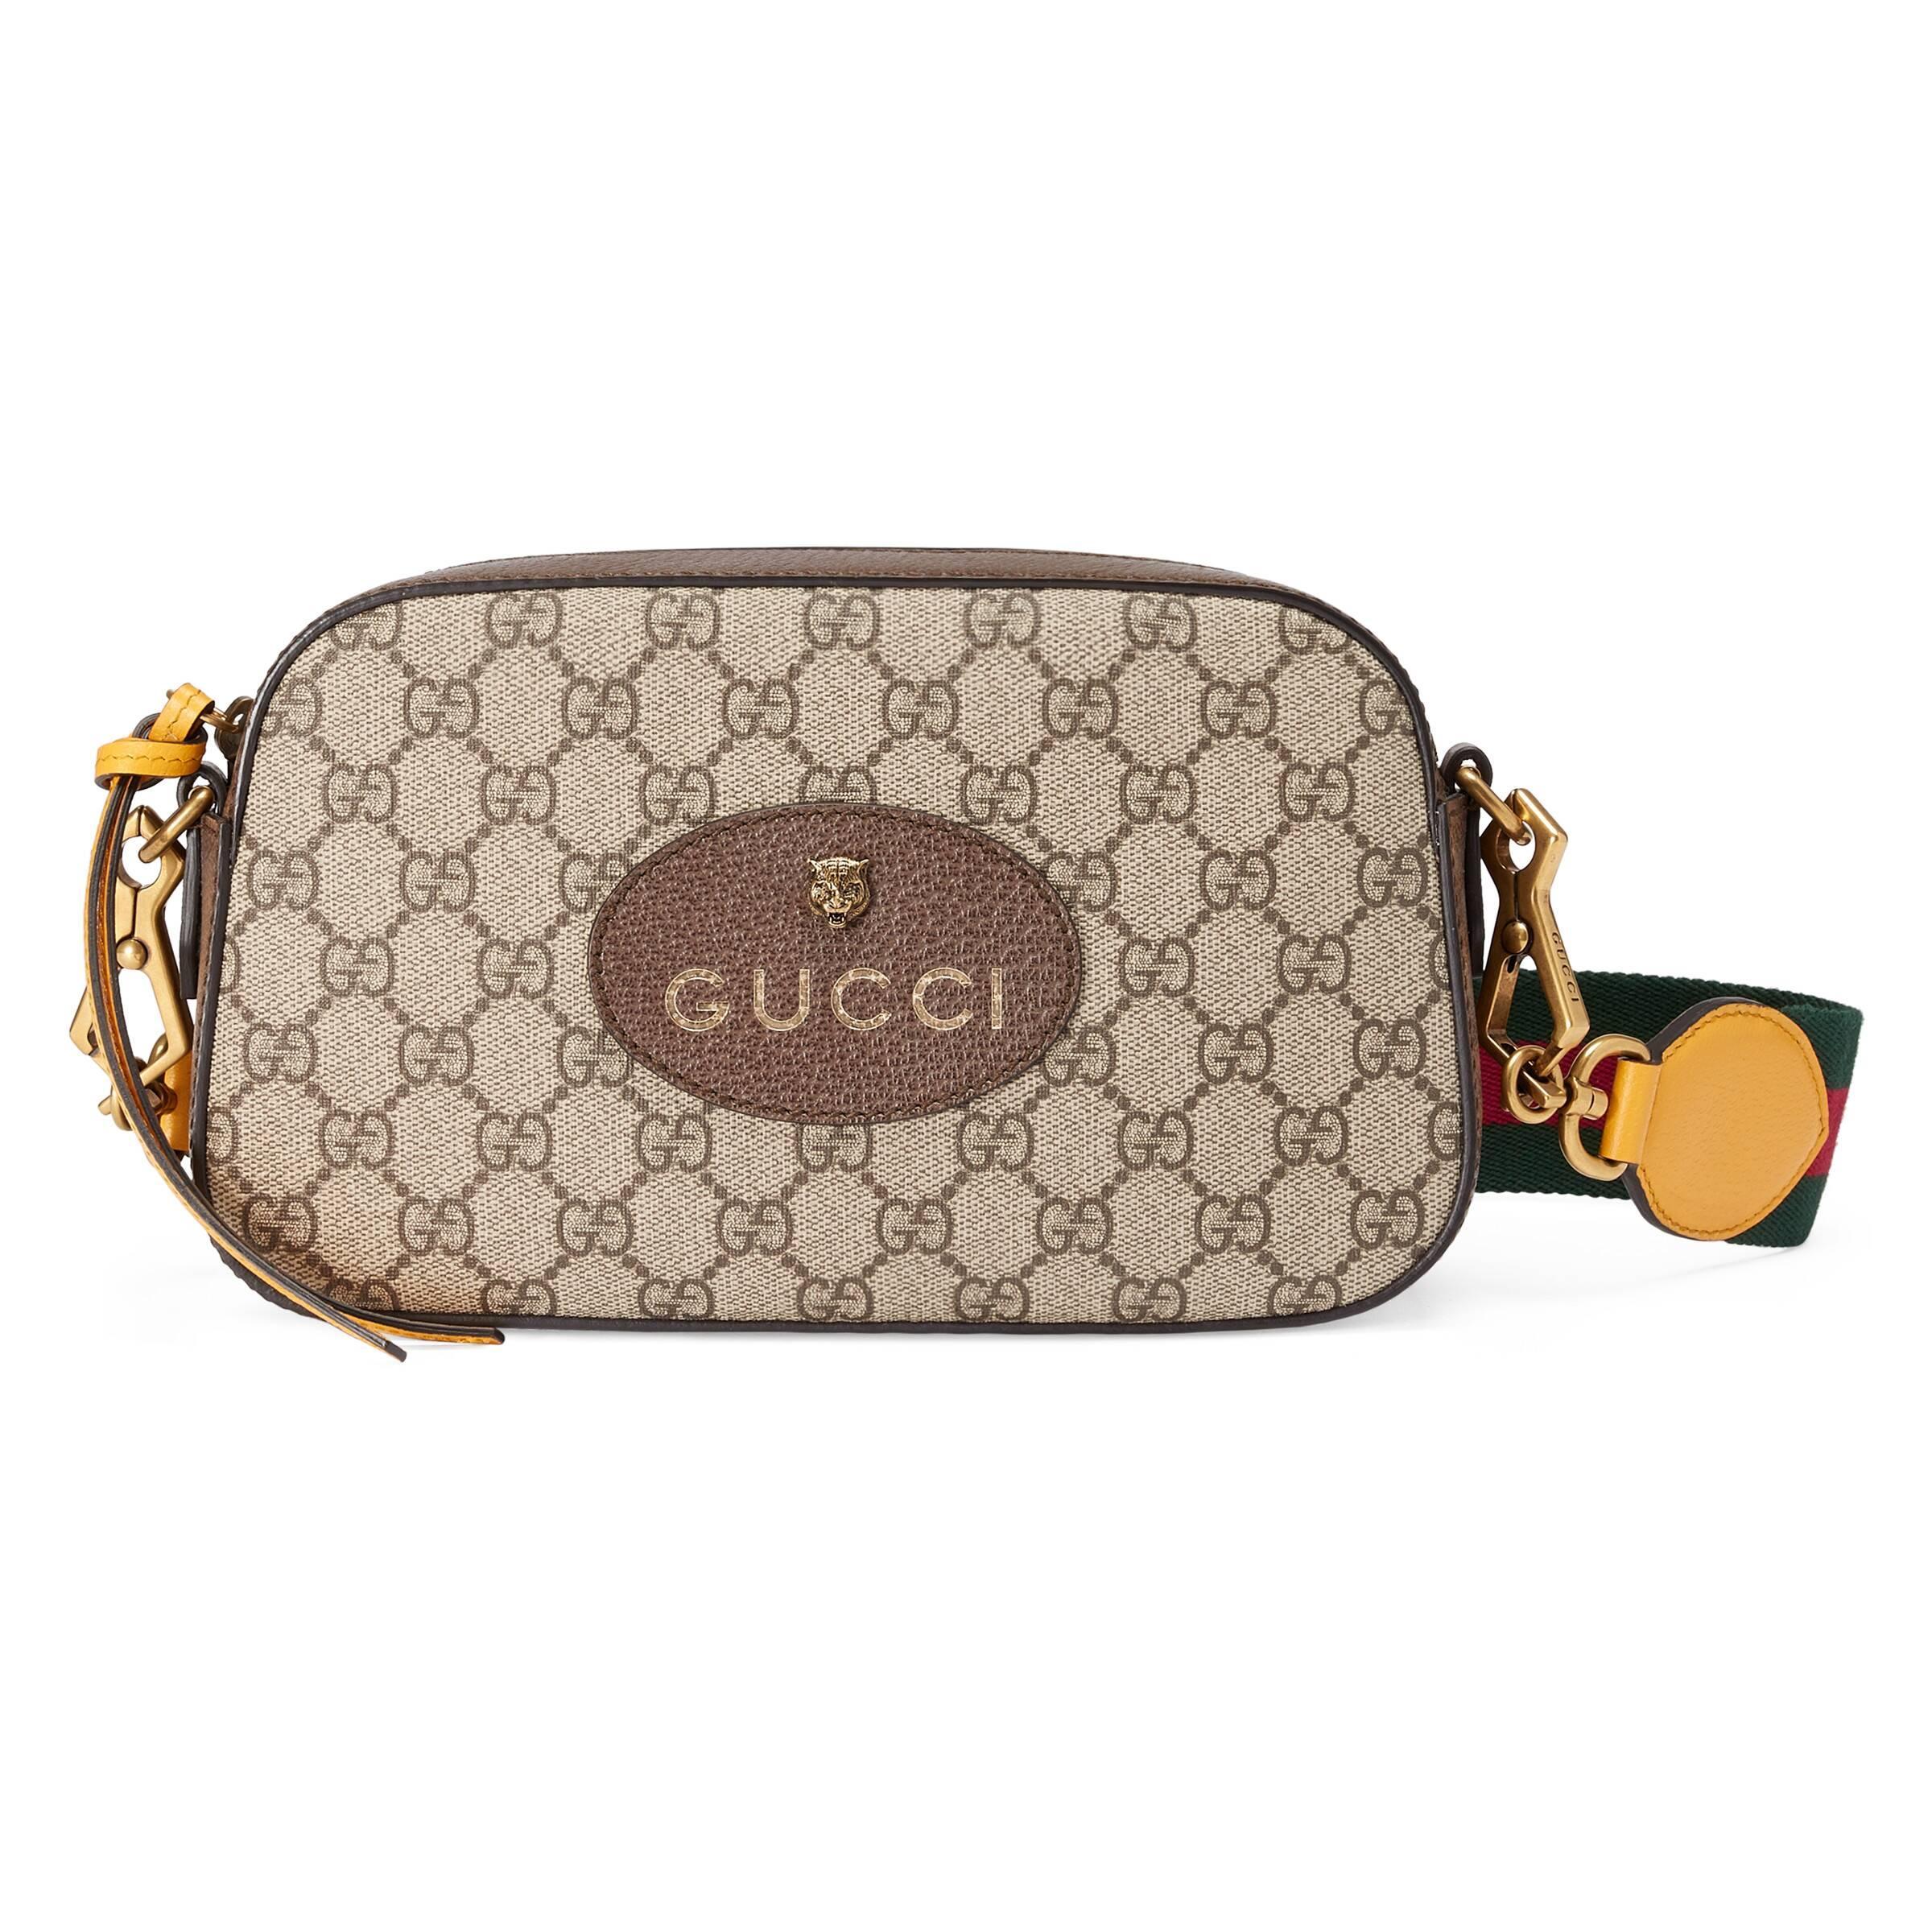 852c32428df25 Gucci - Natural Umhängetasche aus GG Supreme - Lyst. Vollbild ansehen